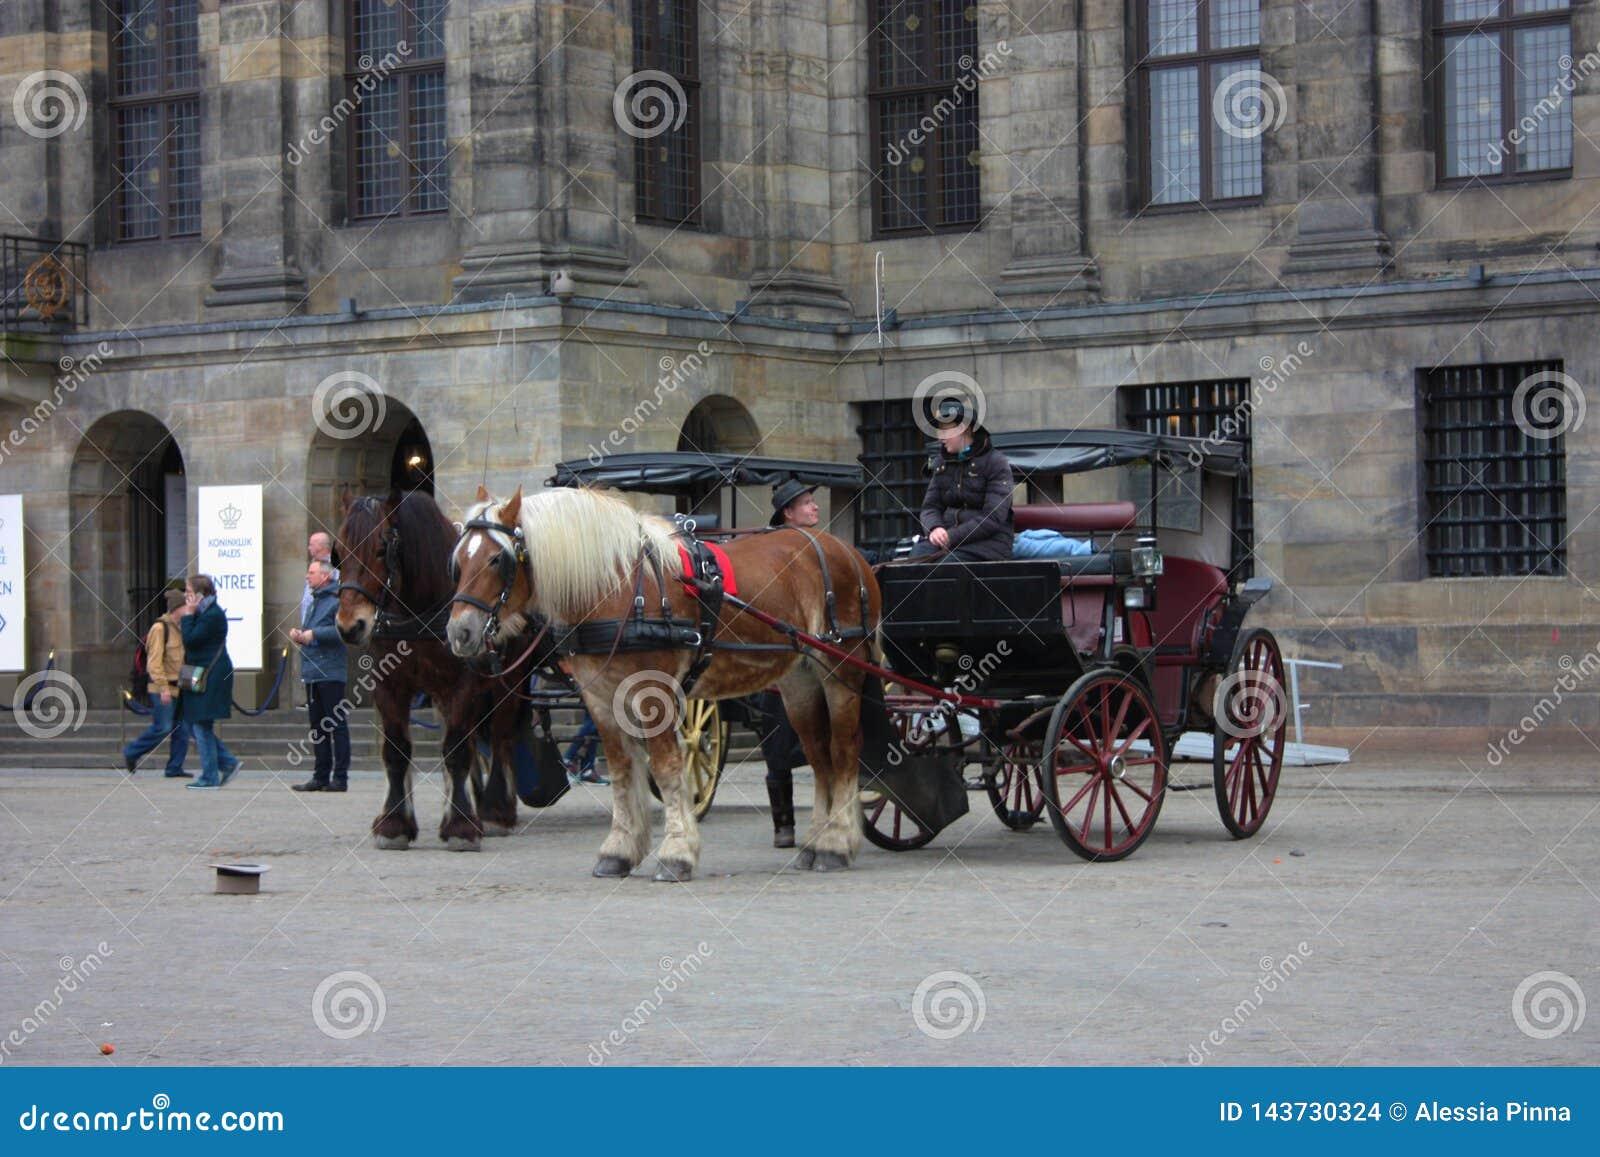 Amsterdam, destino turístico internacional Dos caballos tiran de un carro y el cochero charla con un amigo que él se encontró por